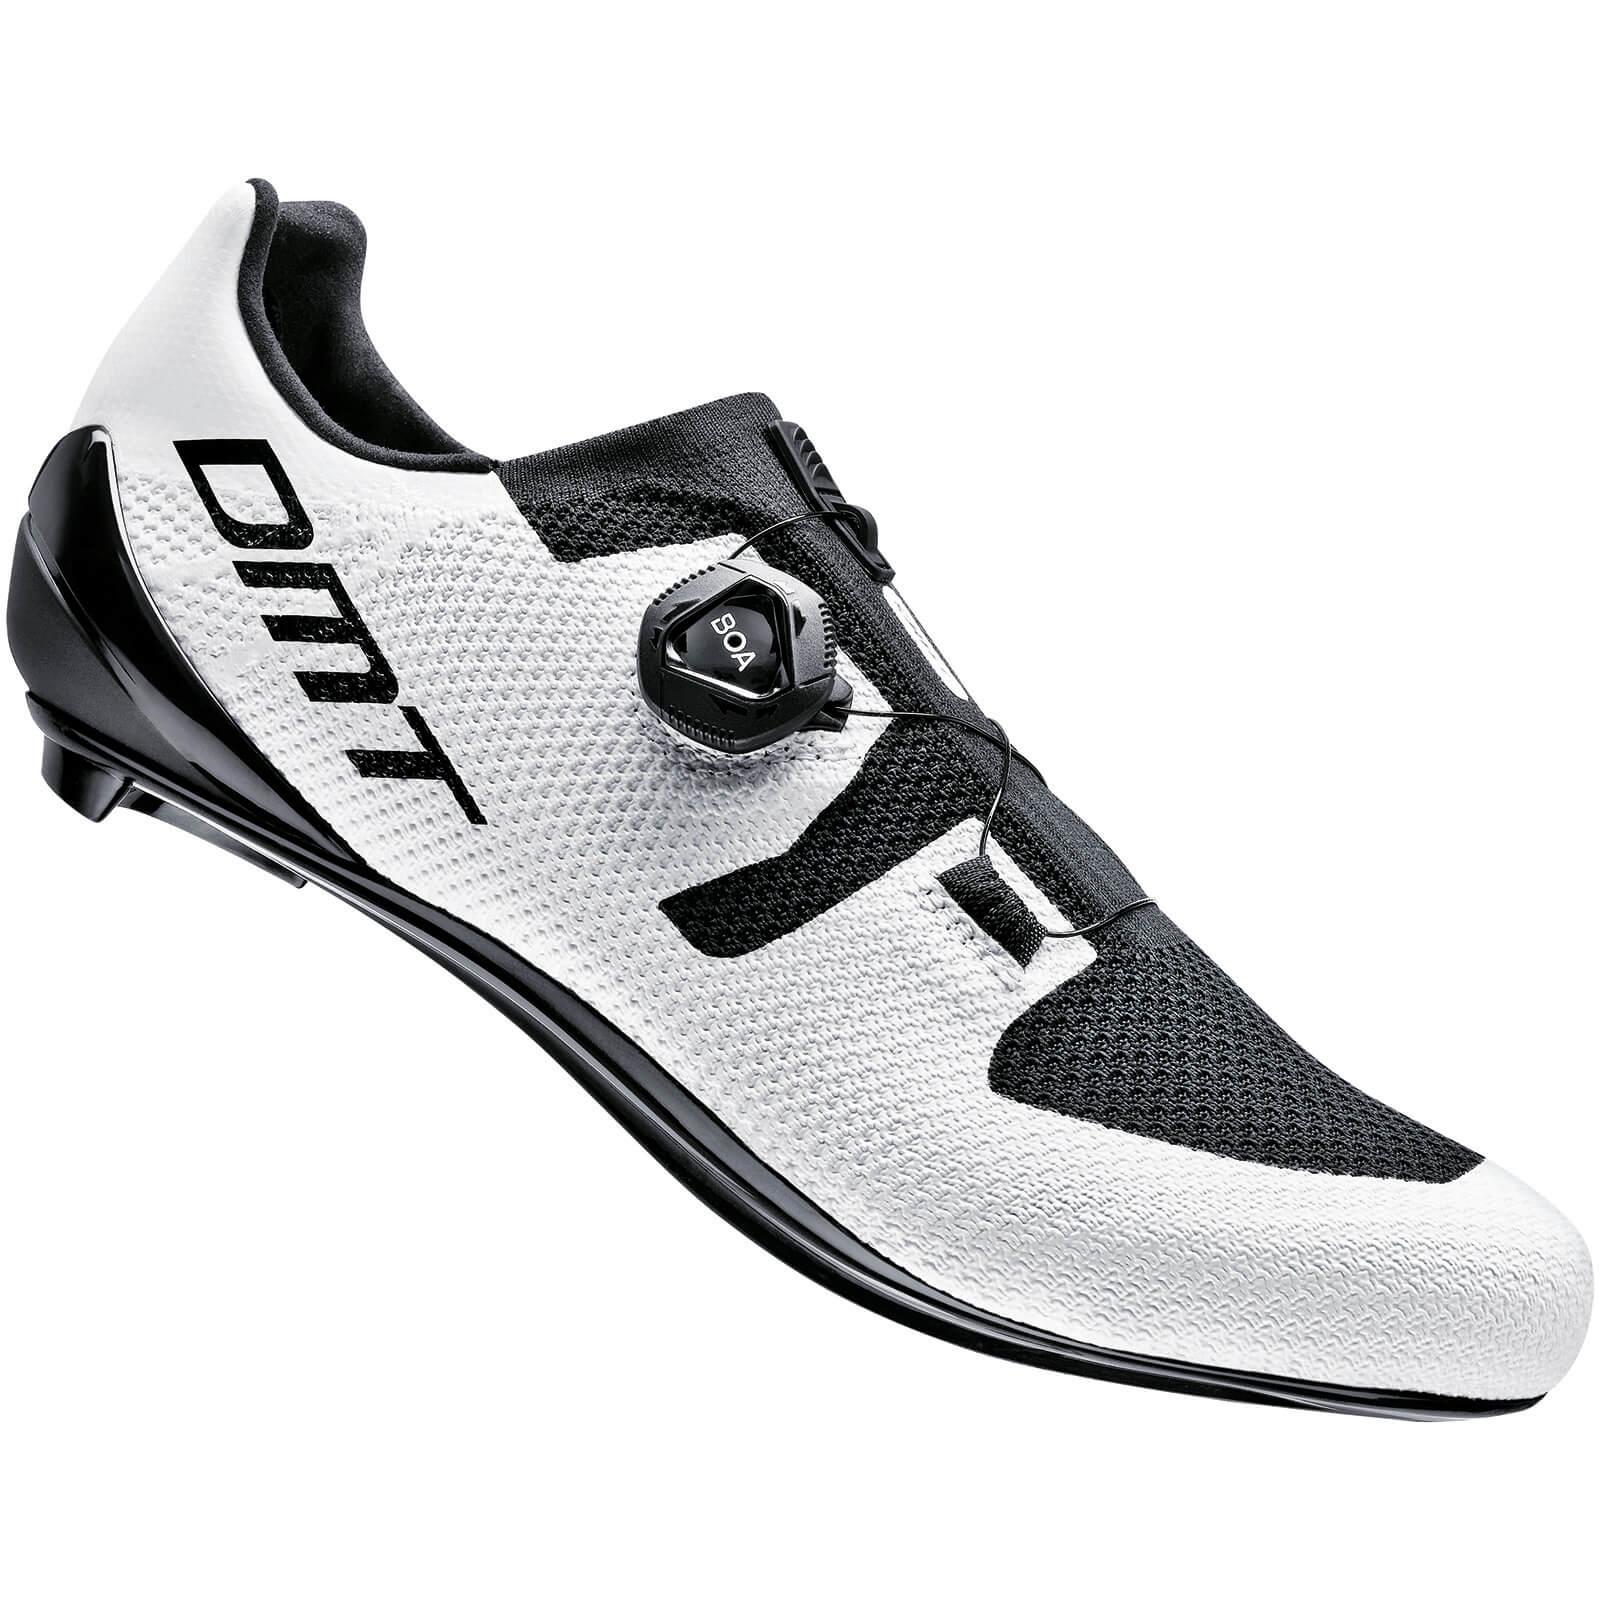 DMT KR3 Road Shoes - EU 42 - White/Black